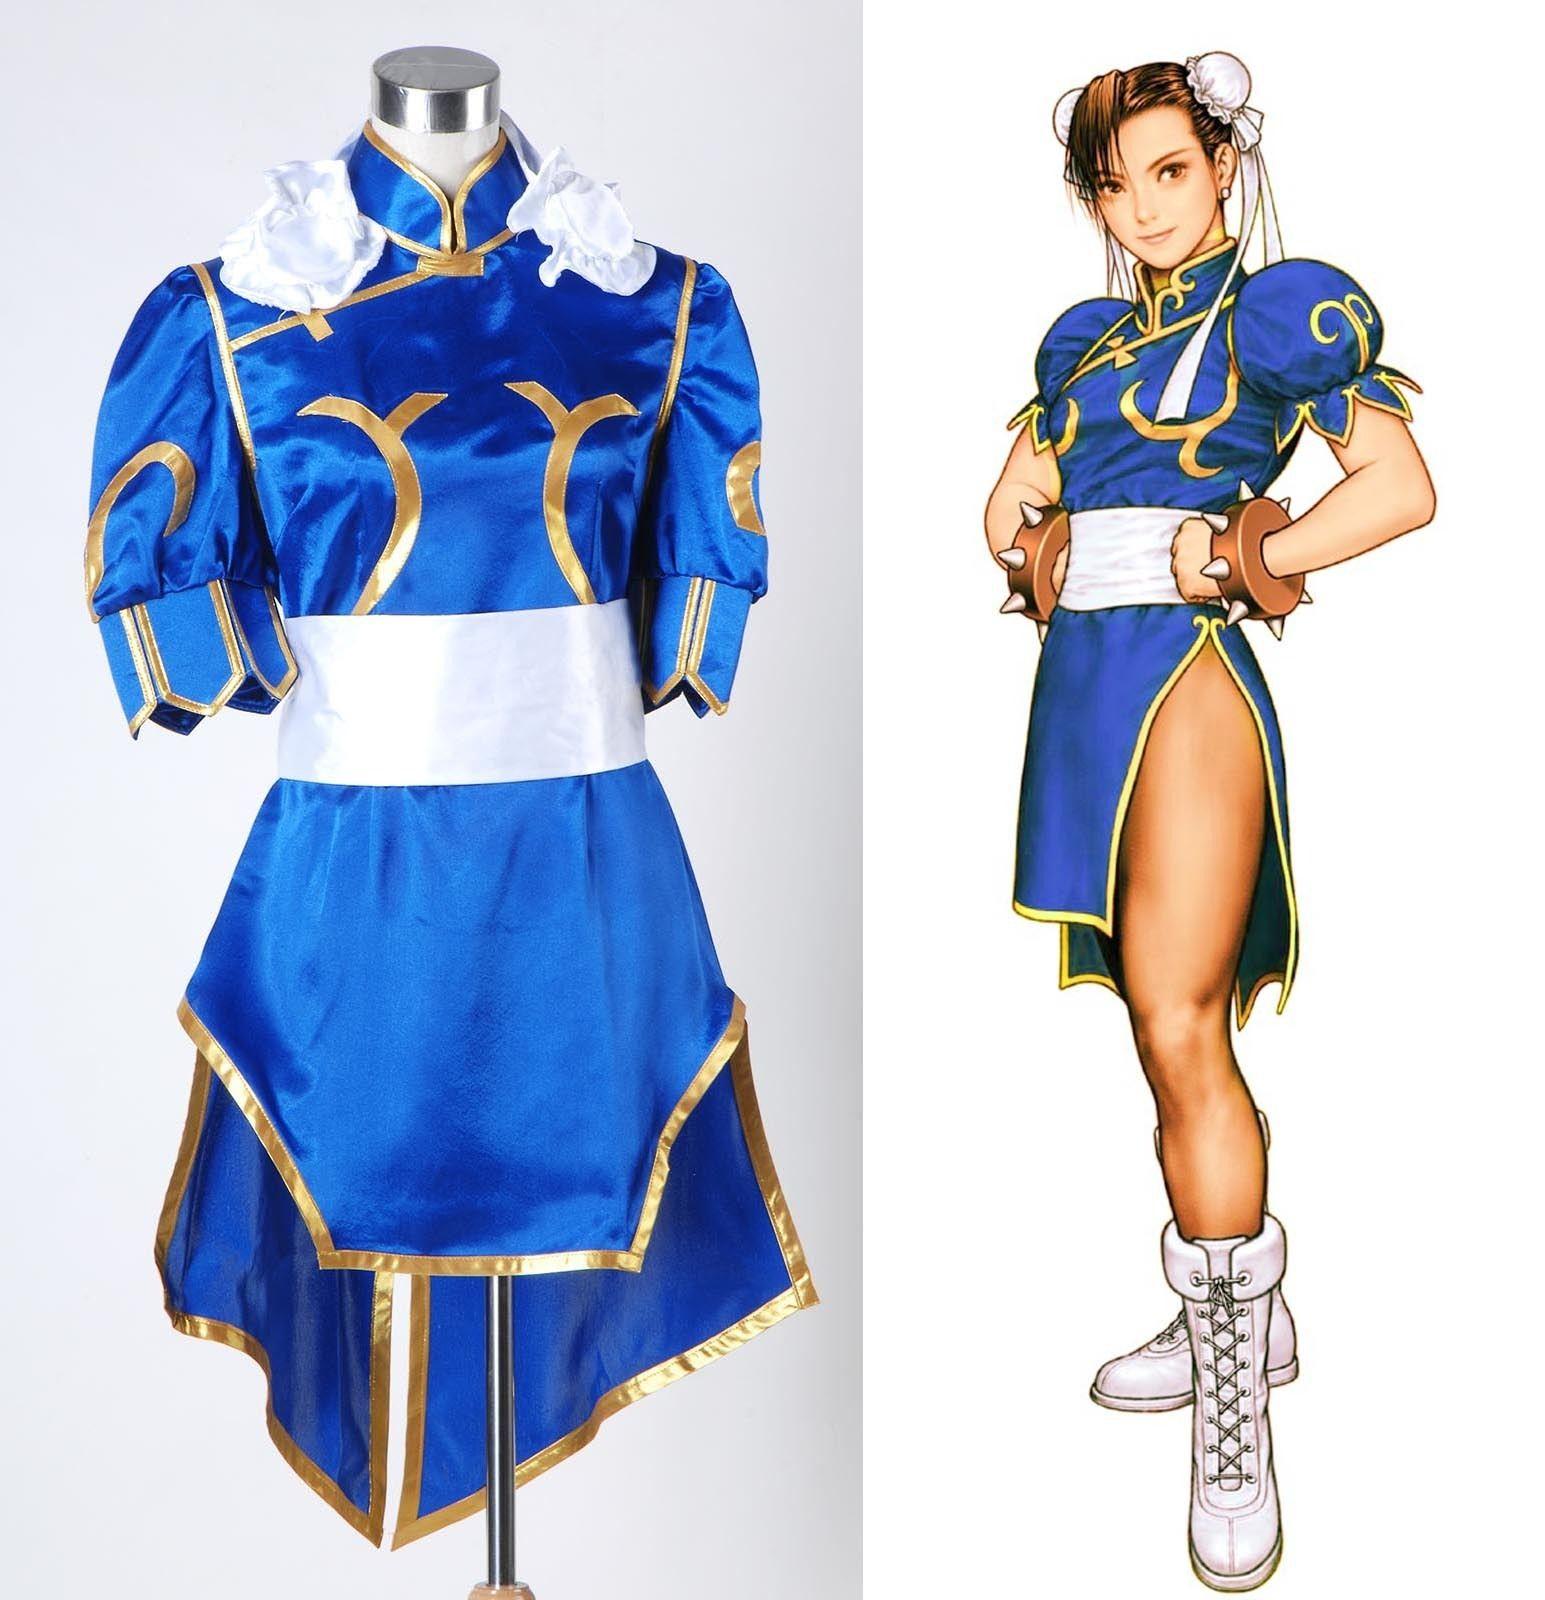 street fighter chun li chunli blue dressjpg - Blue Halloween Dress